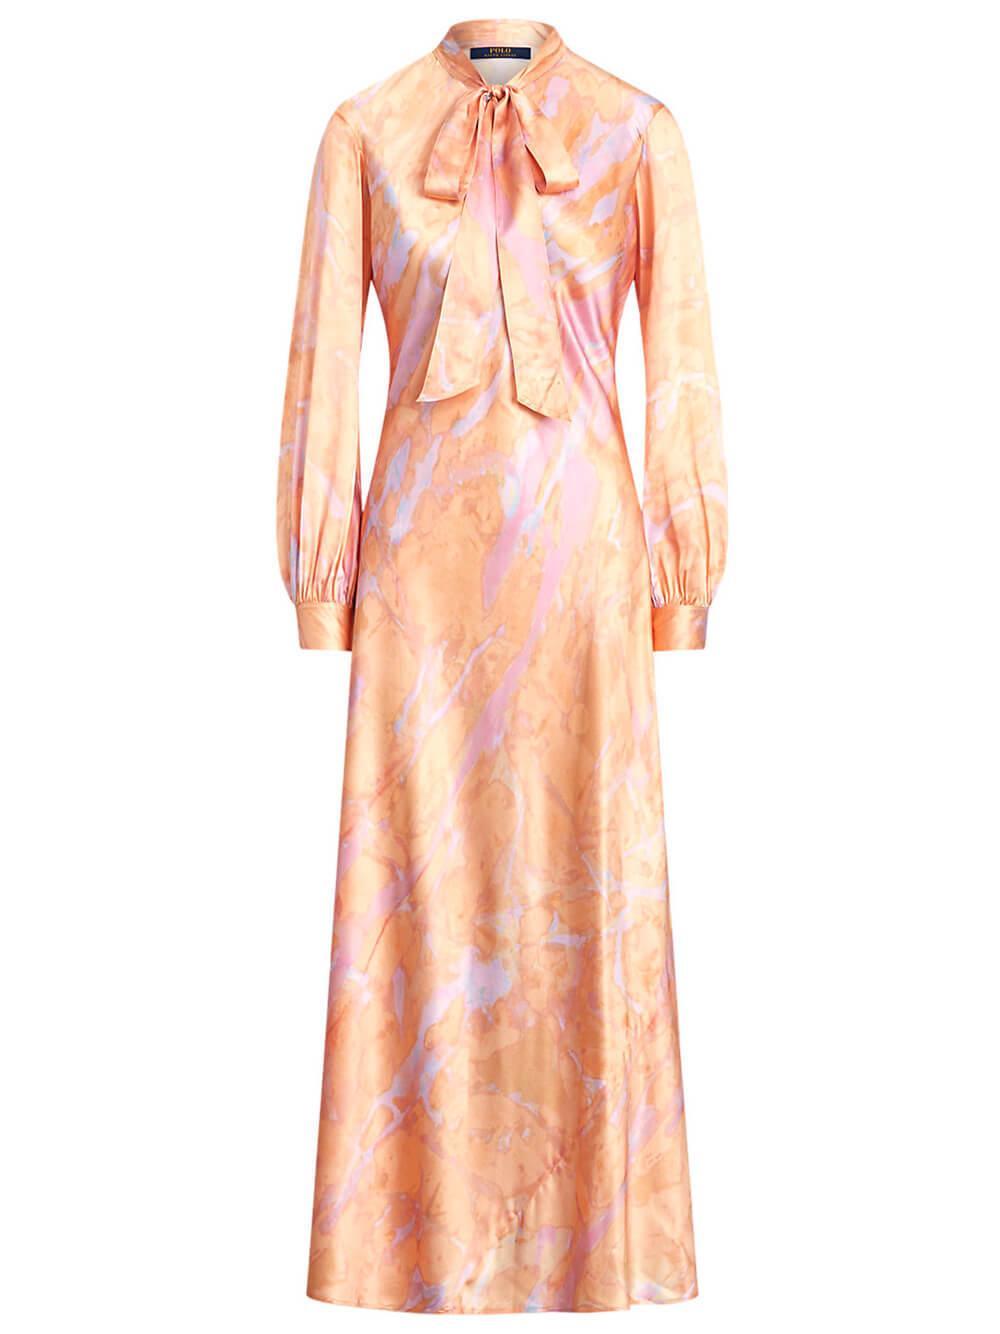 Rily Tie Dye Maxi Dress Item # 211800615001